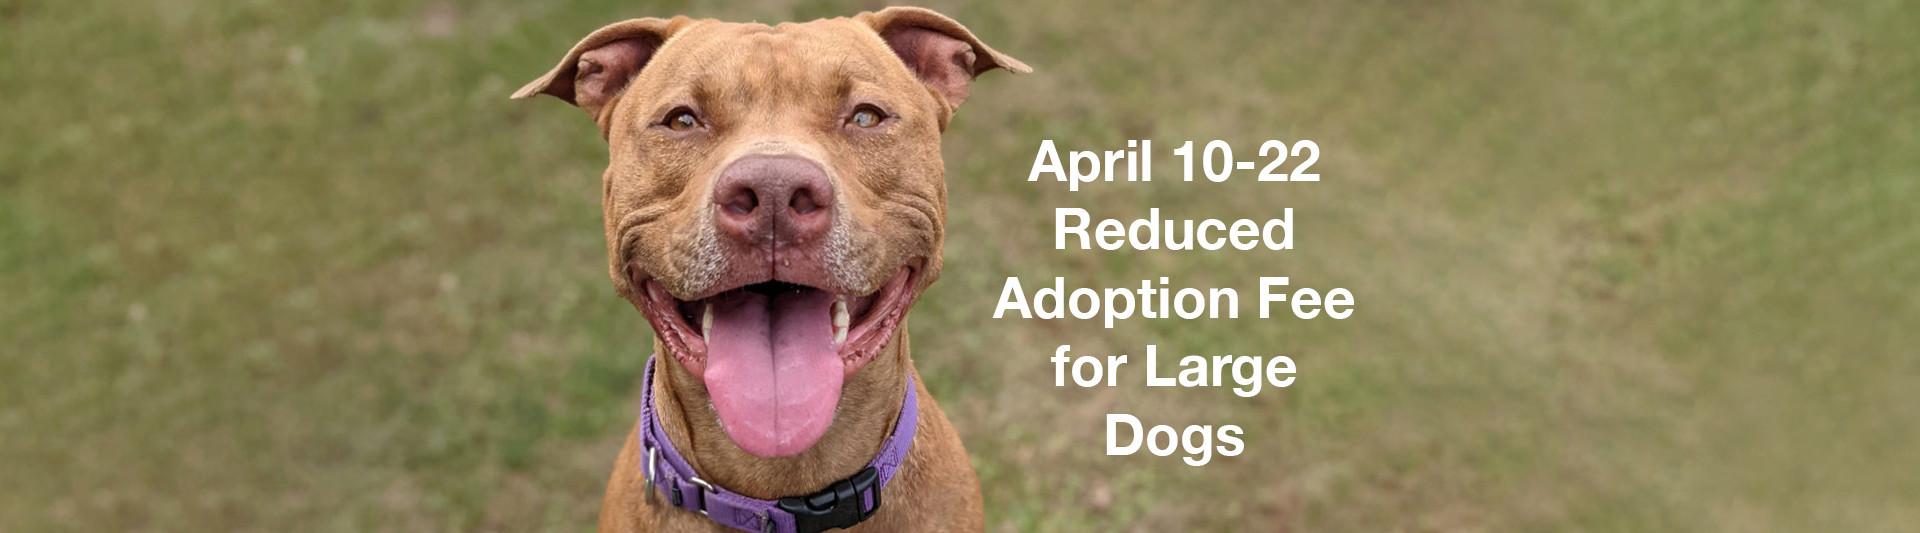 Adoption Event April 10 to 22